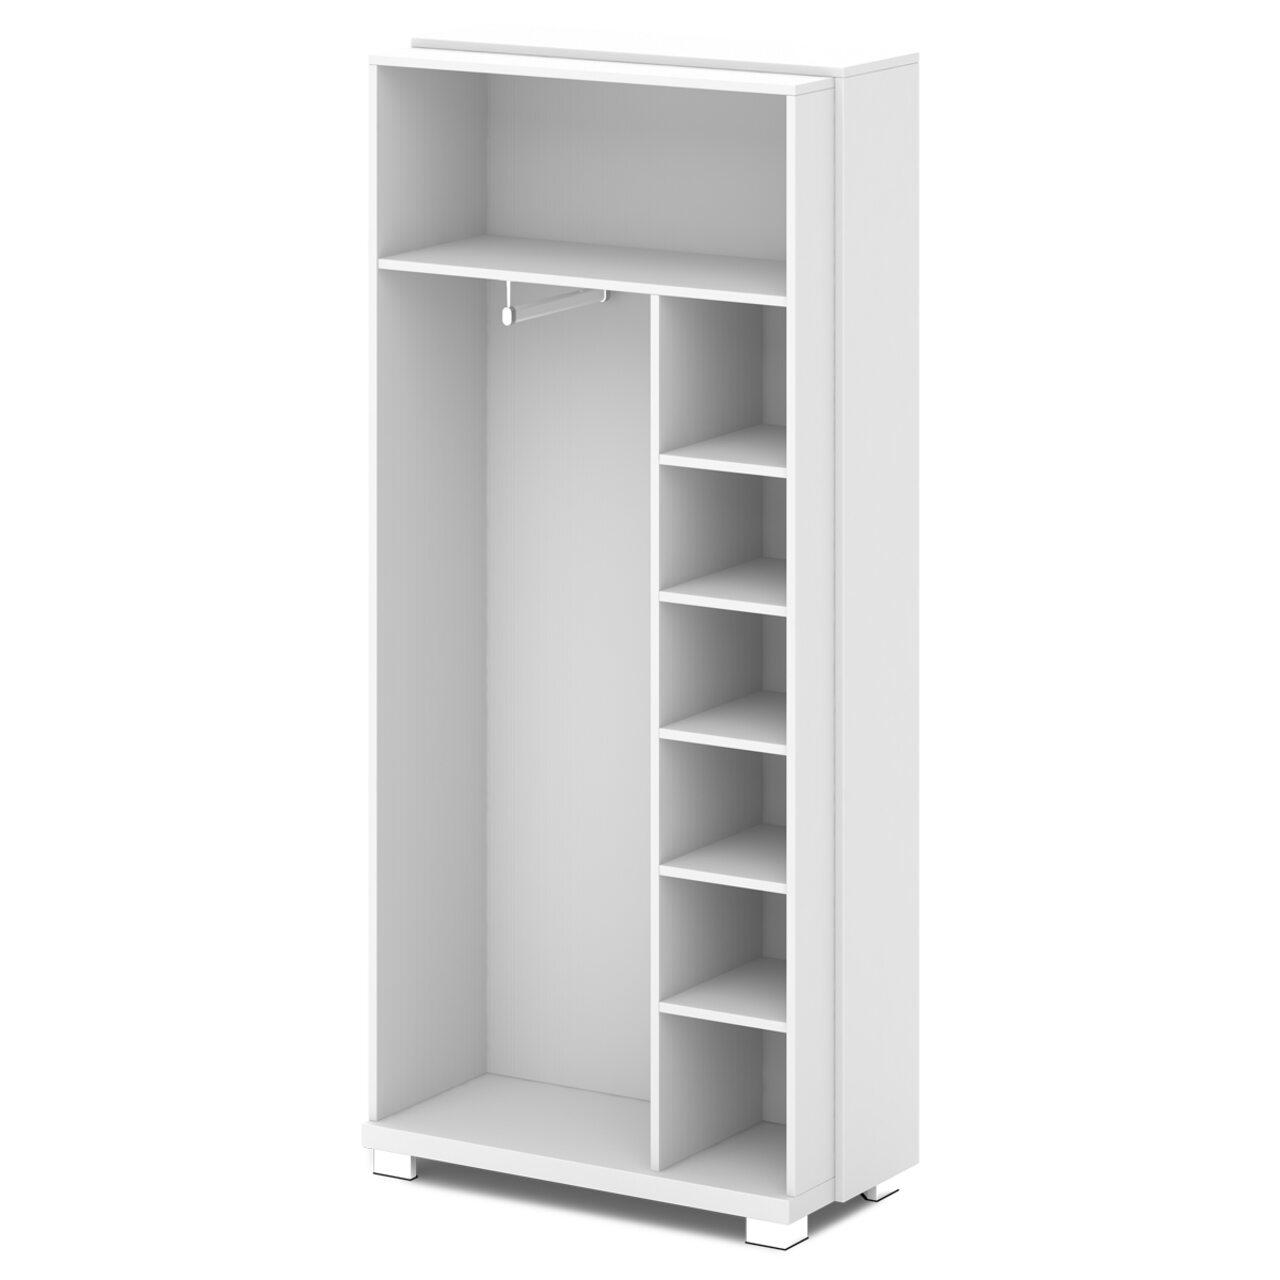 Каркас шкафа для одежды крайний  GRACE 92x44x205 - фото 3